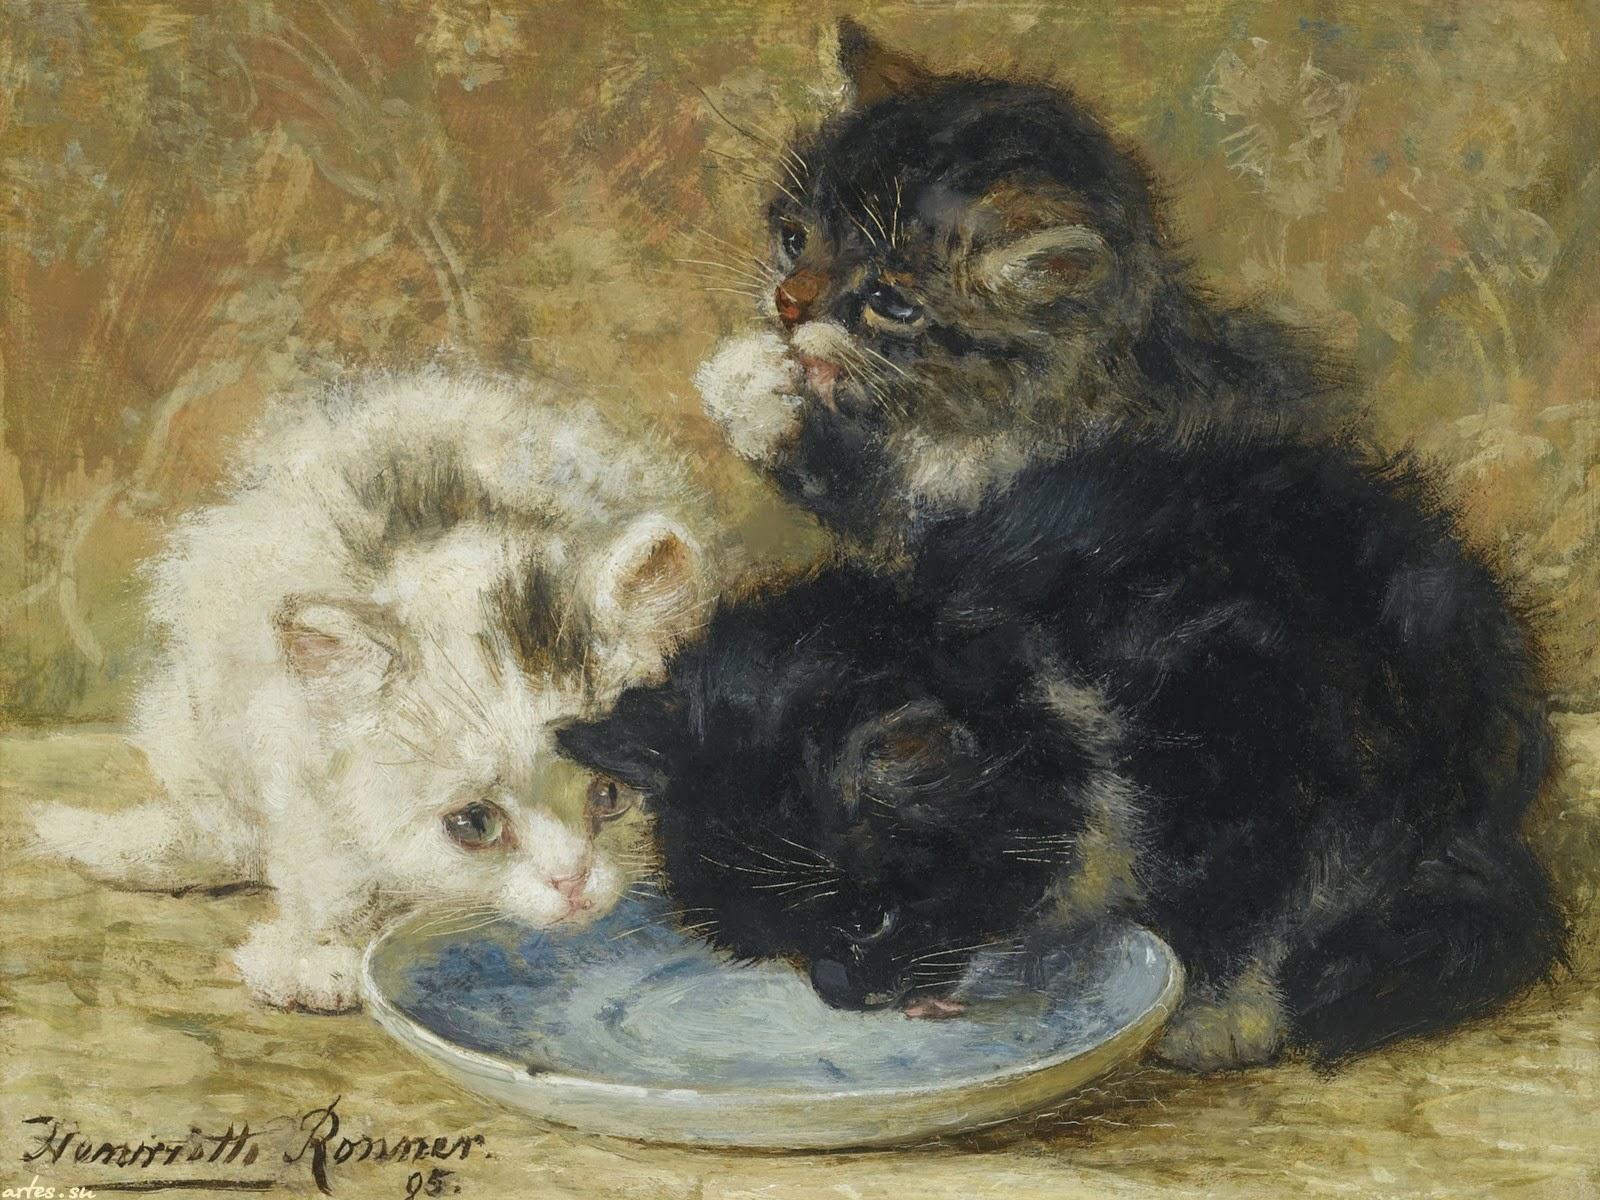 Жанр картинки, кот